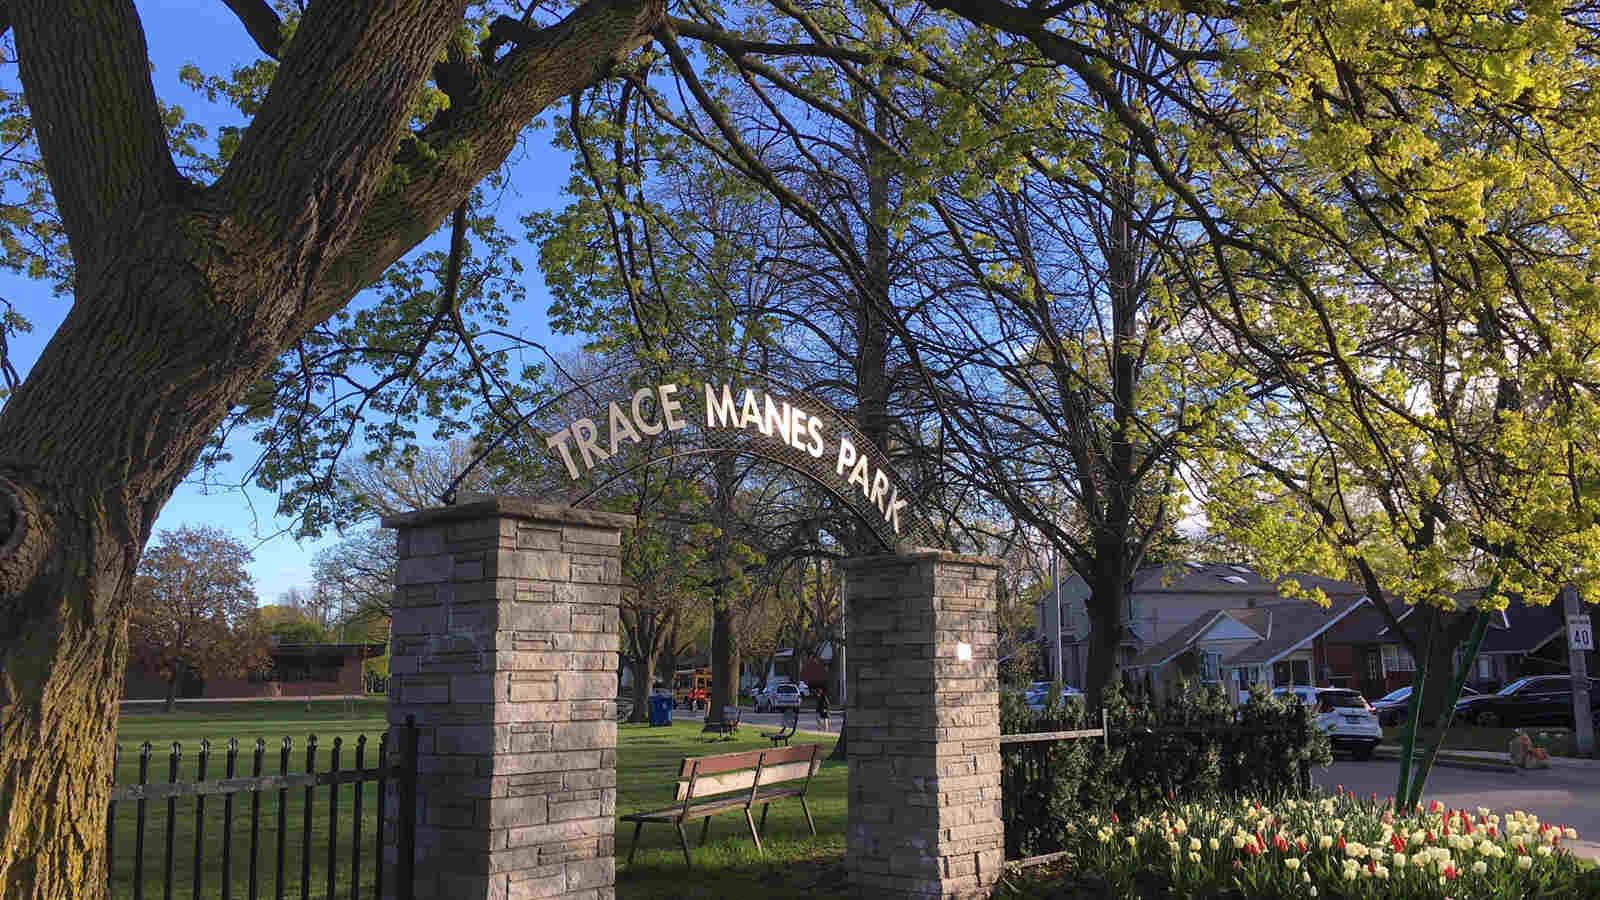 Trace Manes park entrance.